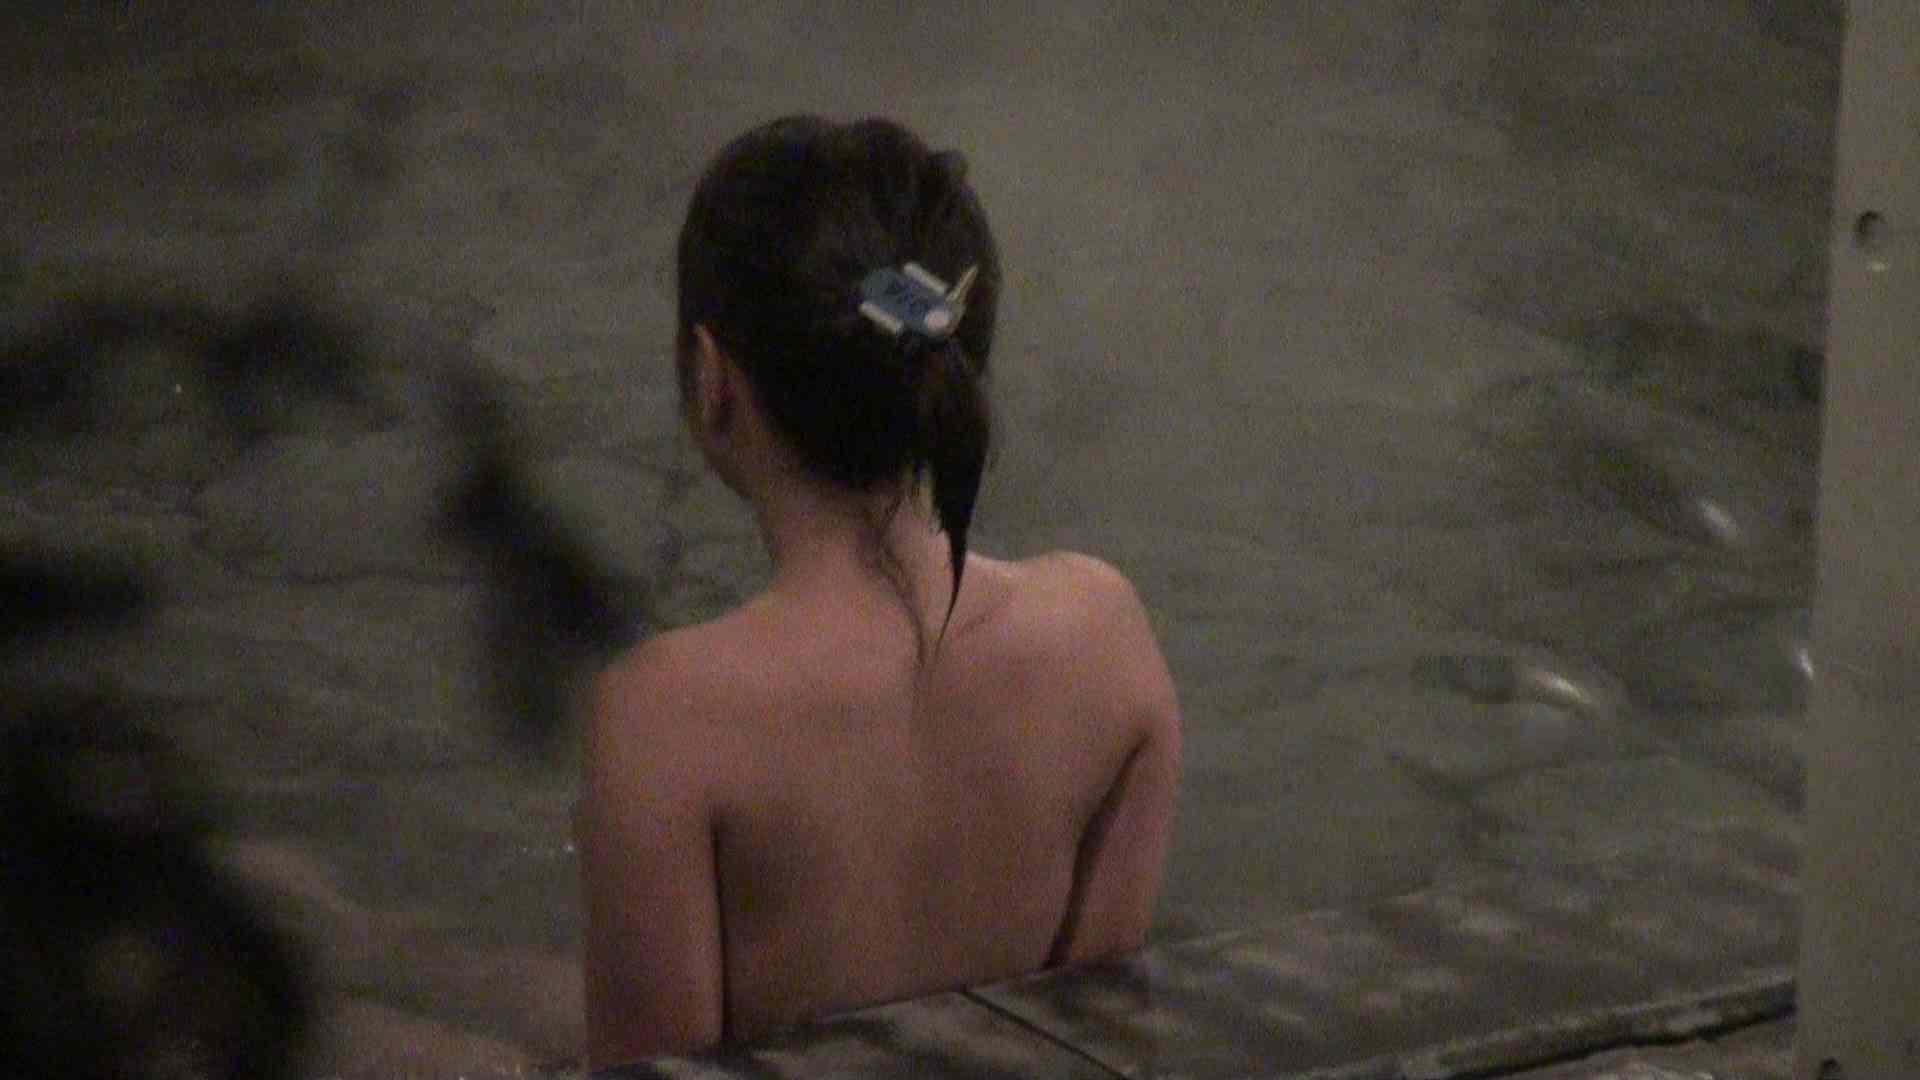 Aquaな露天風呂Vol.407 露天  107画像 93